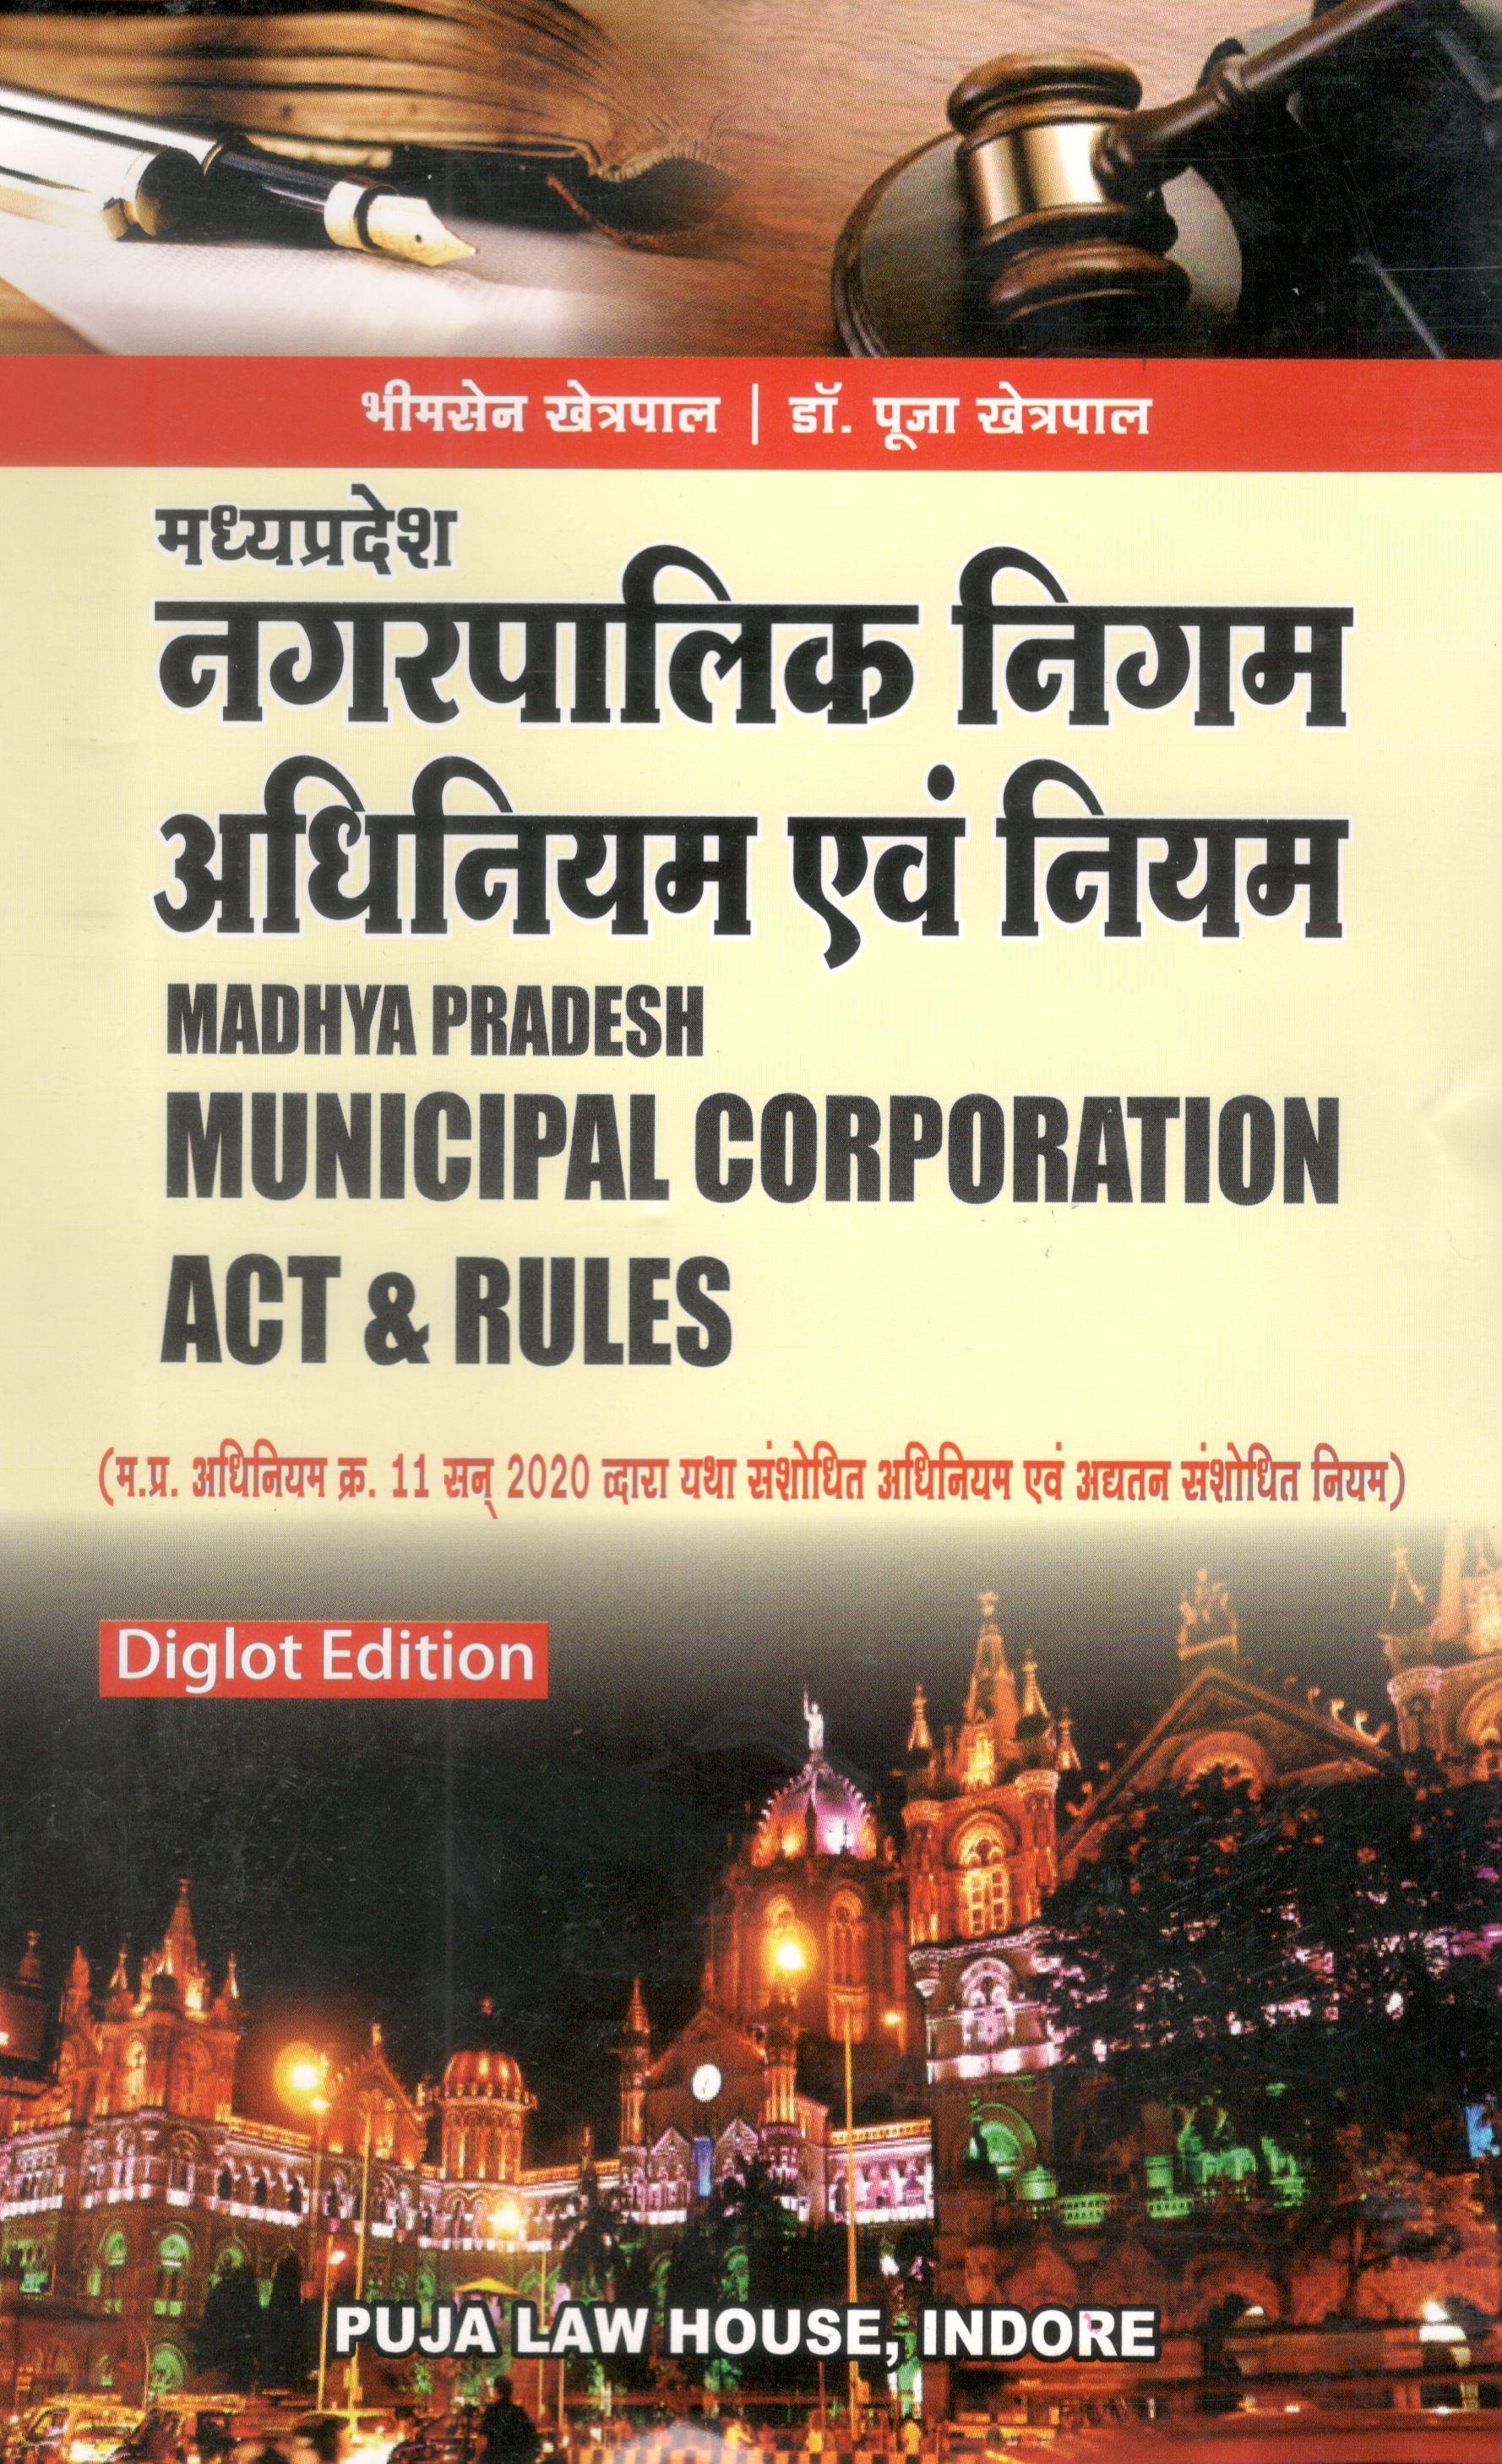 बी.एस. खेत्रपाल | डॉ पूजा खेत्रपाल - मध्य प्रदेश नगर पालिका निगम अधिनियम एवं नियम / Madhya Pradesh Municipal Corporation Act & Rules